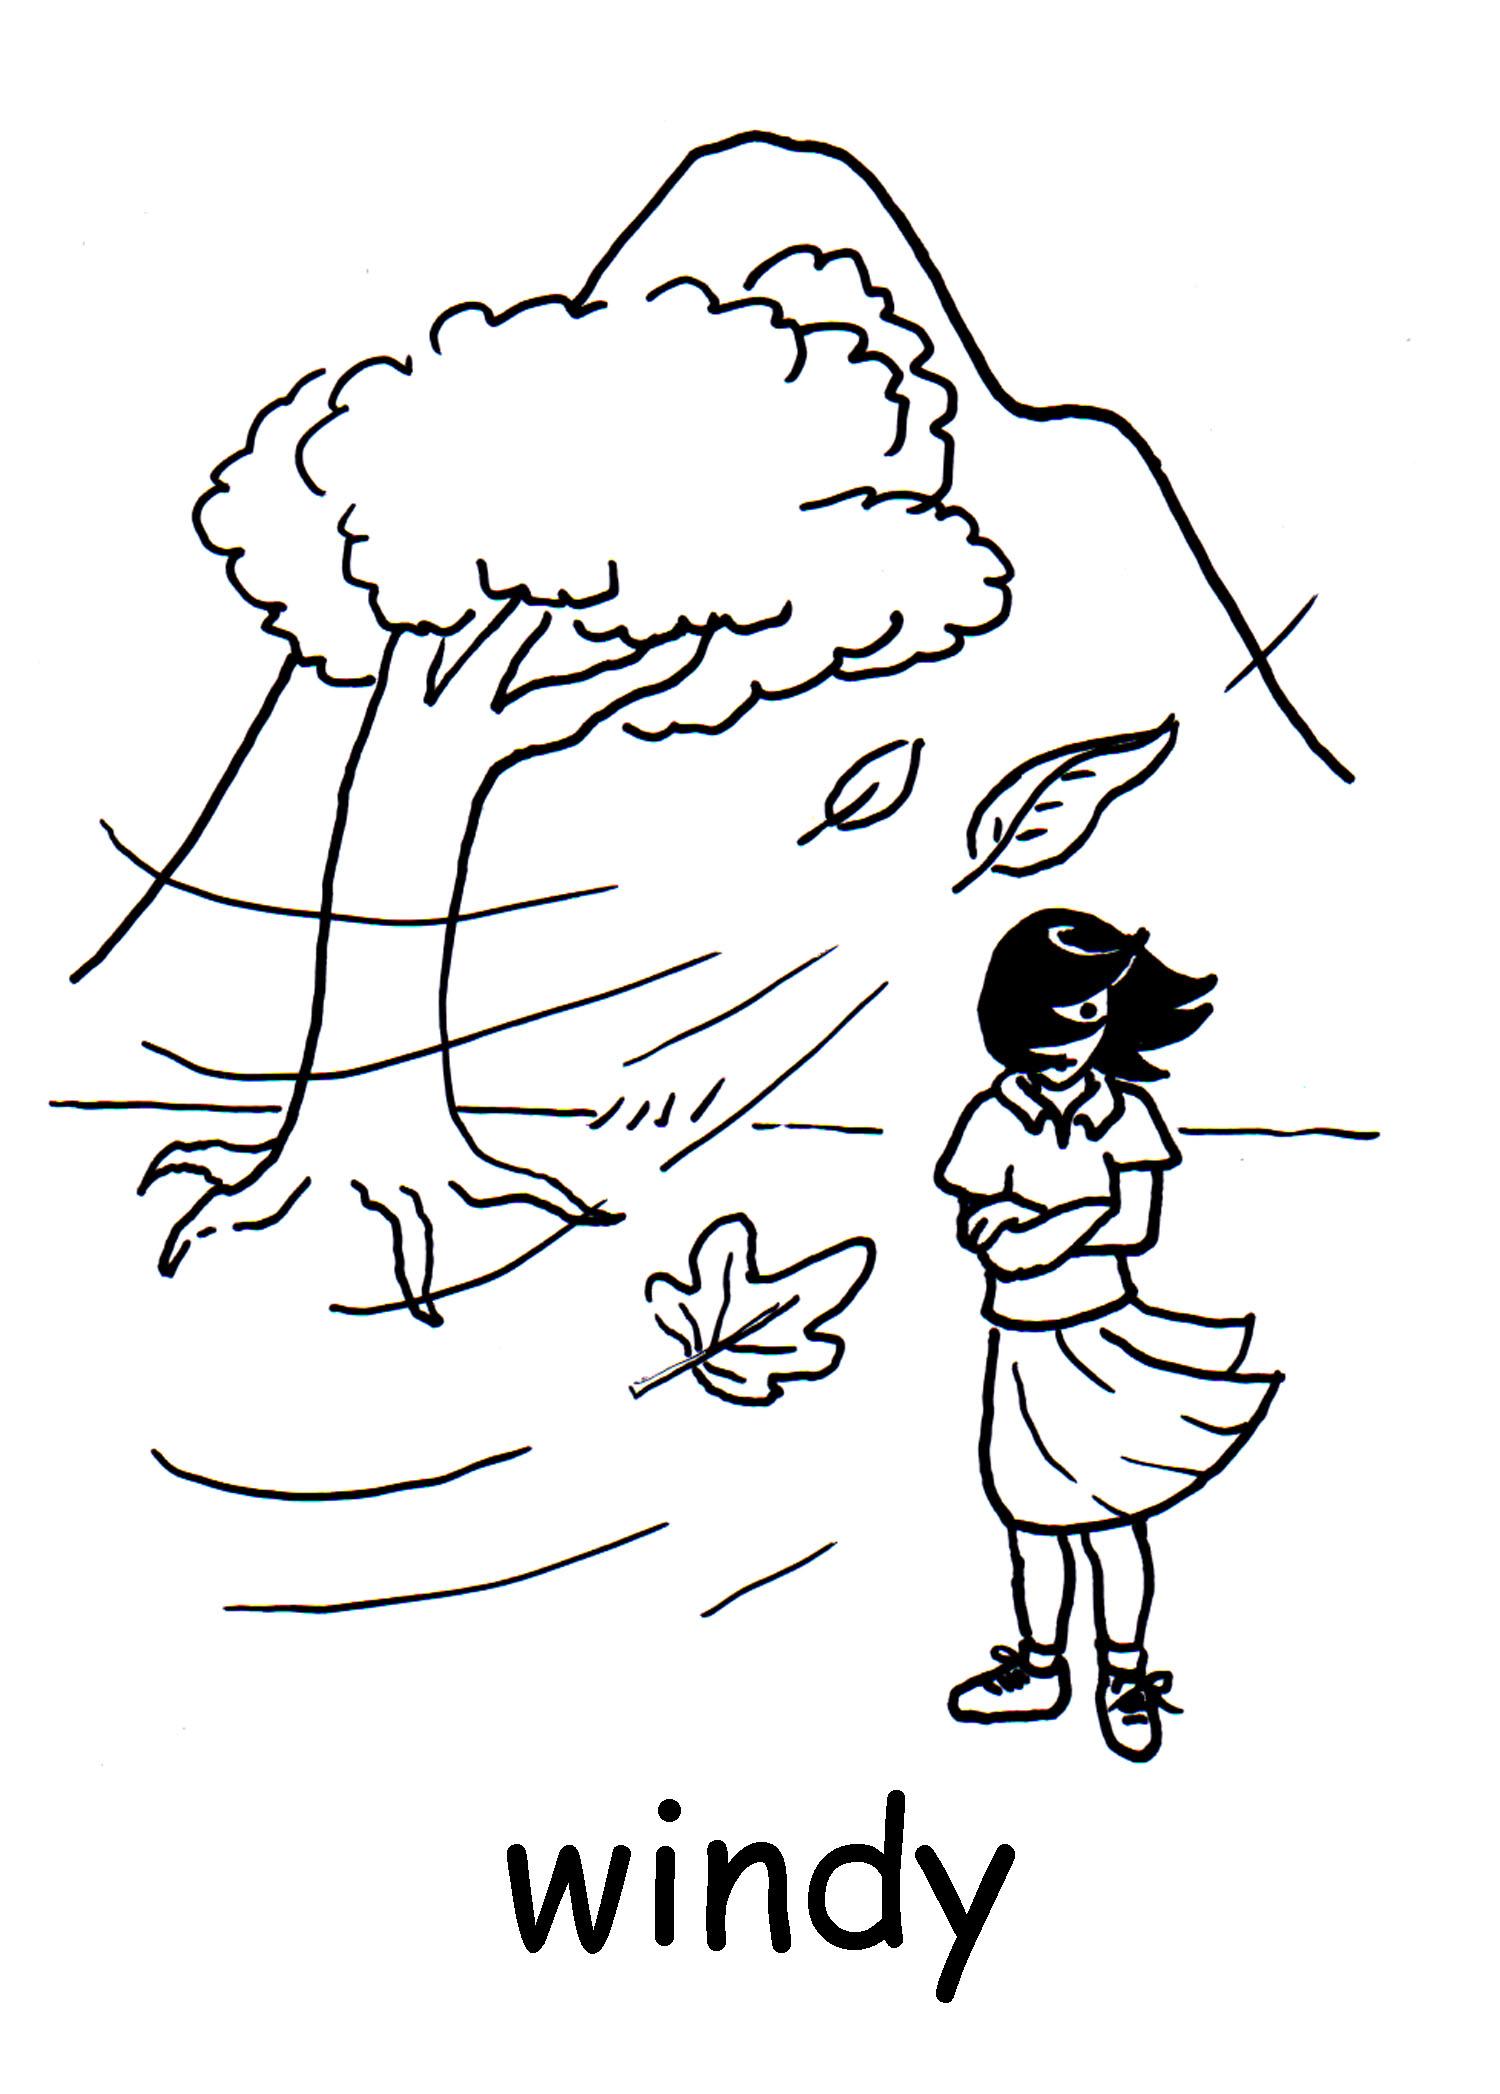 Windy clipart scene. Free cliparts download clip